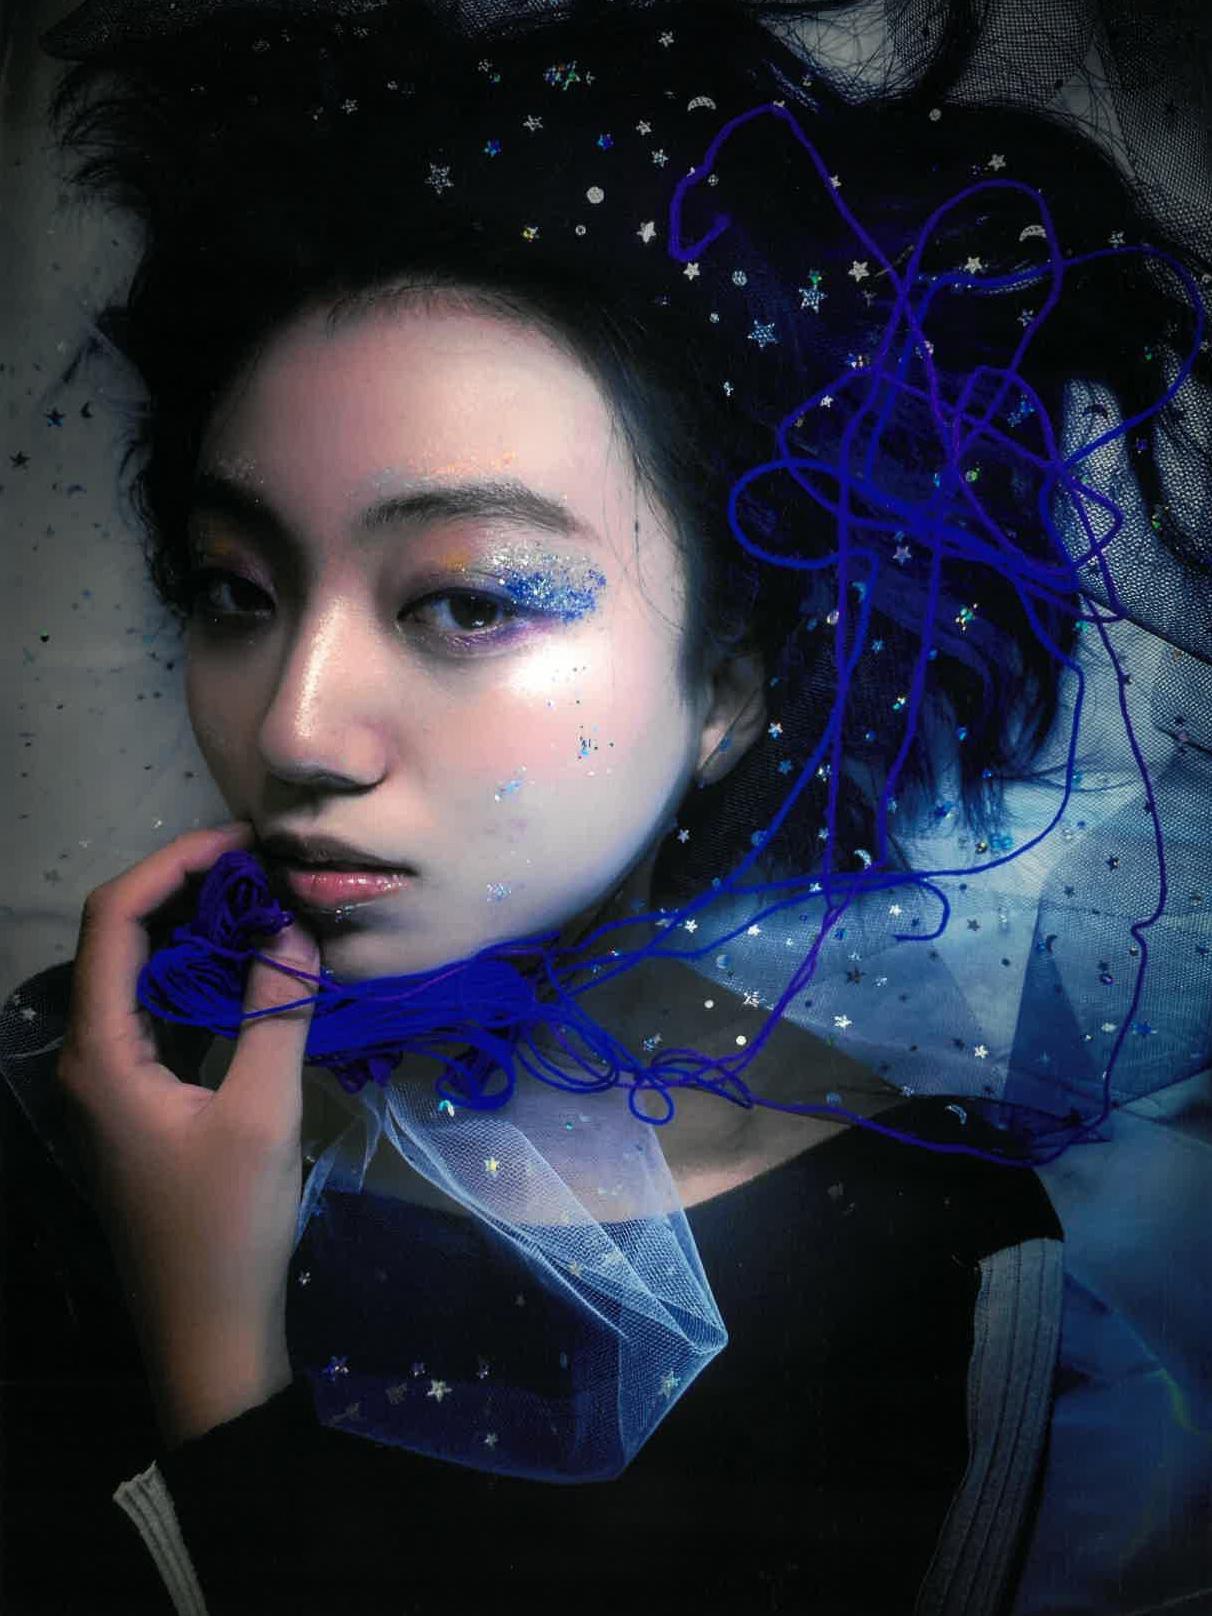 和田 陽向さんの作品画像